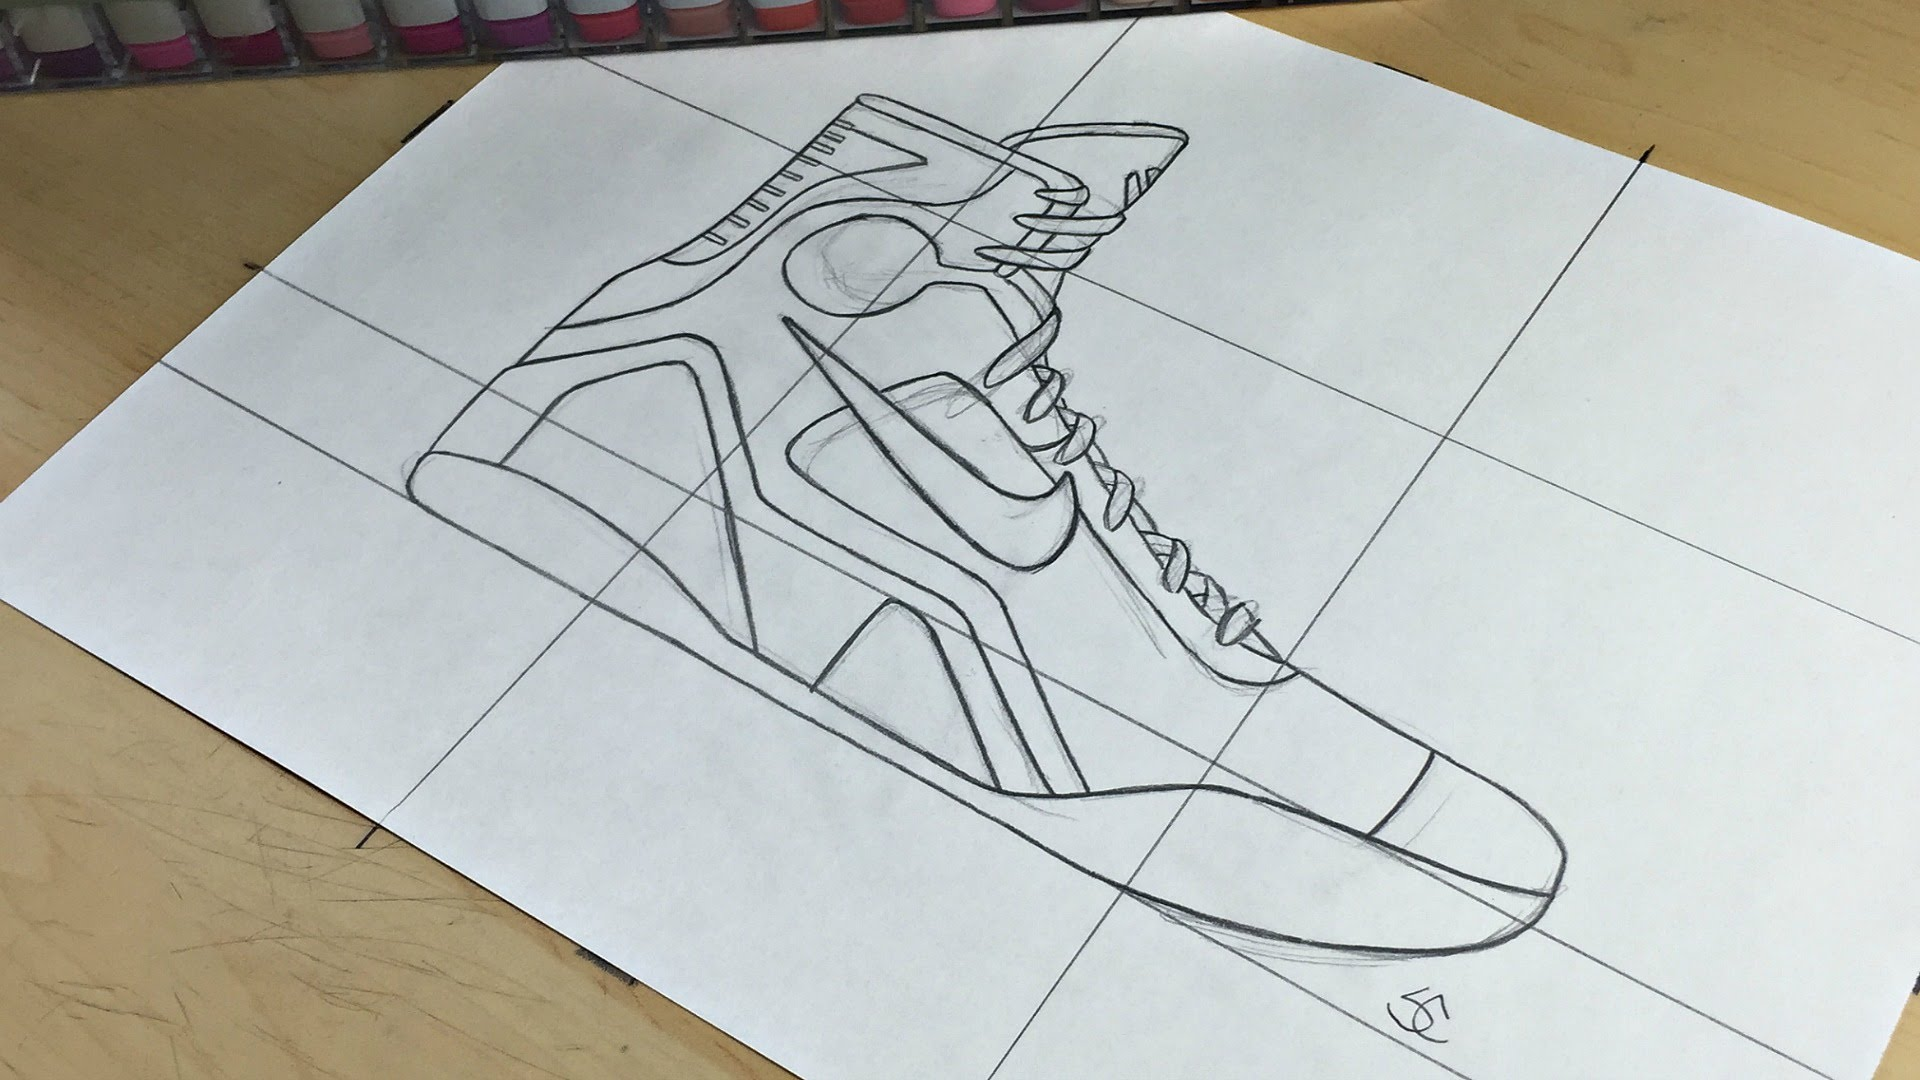 Drawn shoe kobe 9 YouTube 9 Nike How Nike